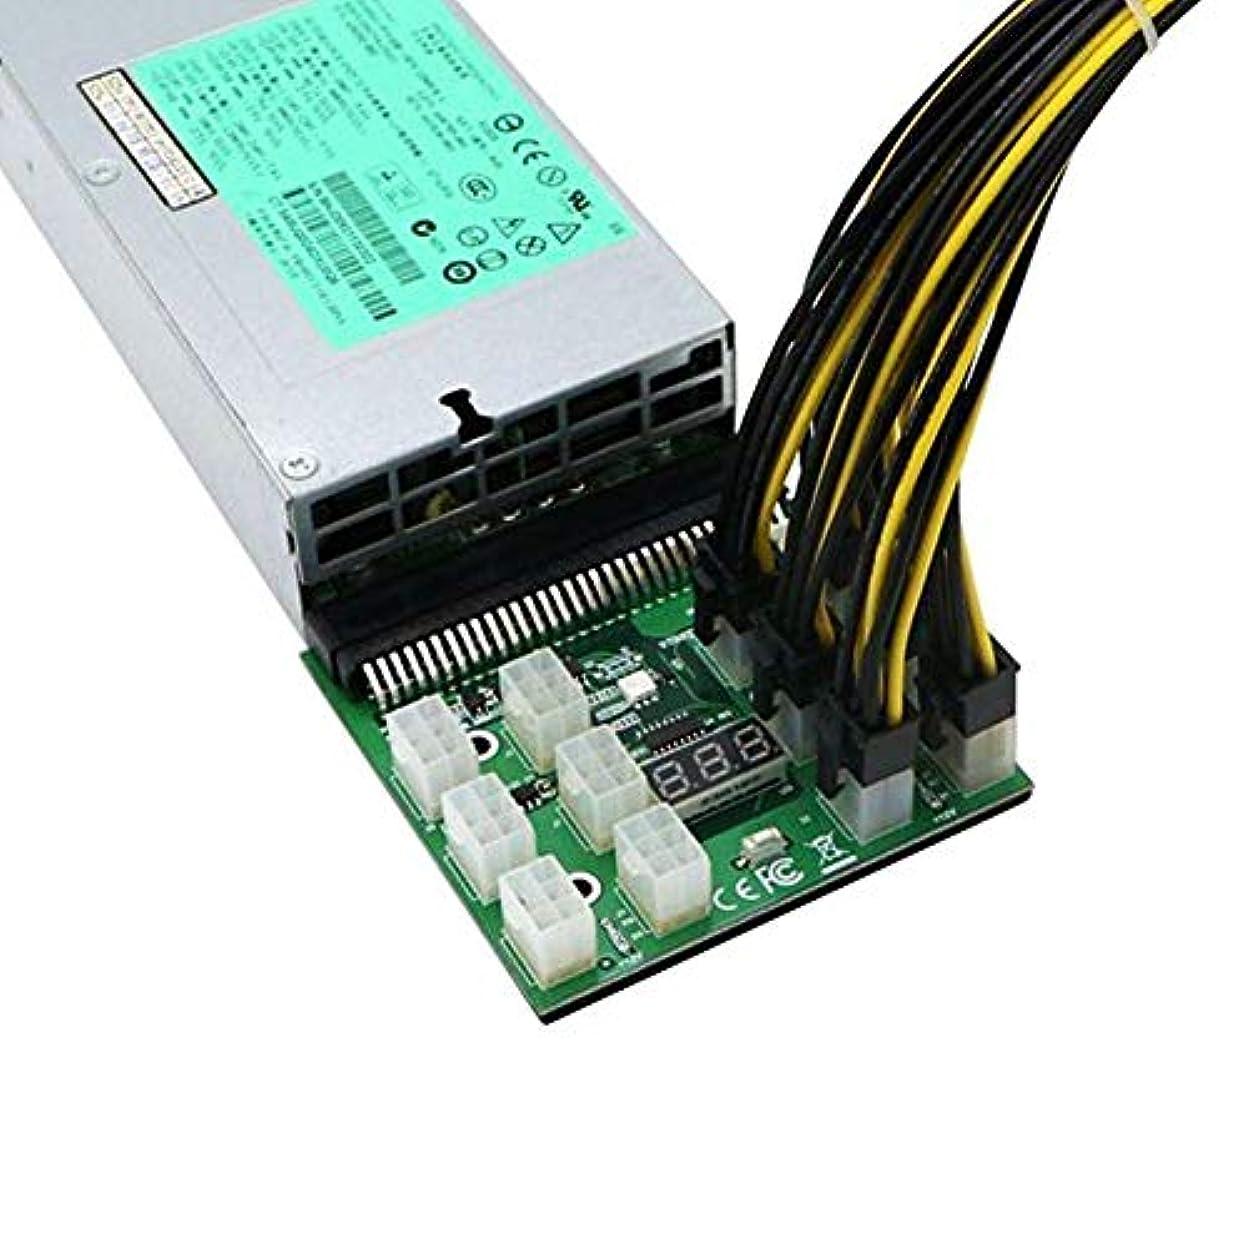 成果シーボードドライバPSU GPU 1200W 750Wコンピュータ用品12個入りケーブルマイニングEthereum GPU用の交換用LEDディスプレイ